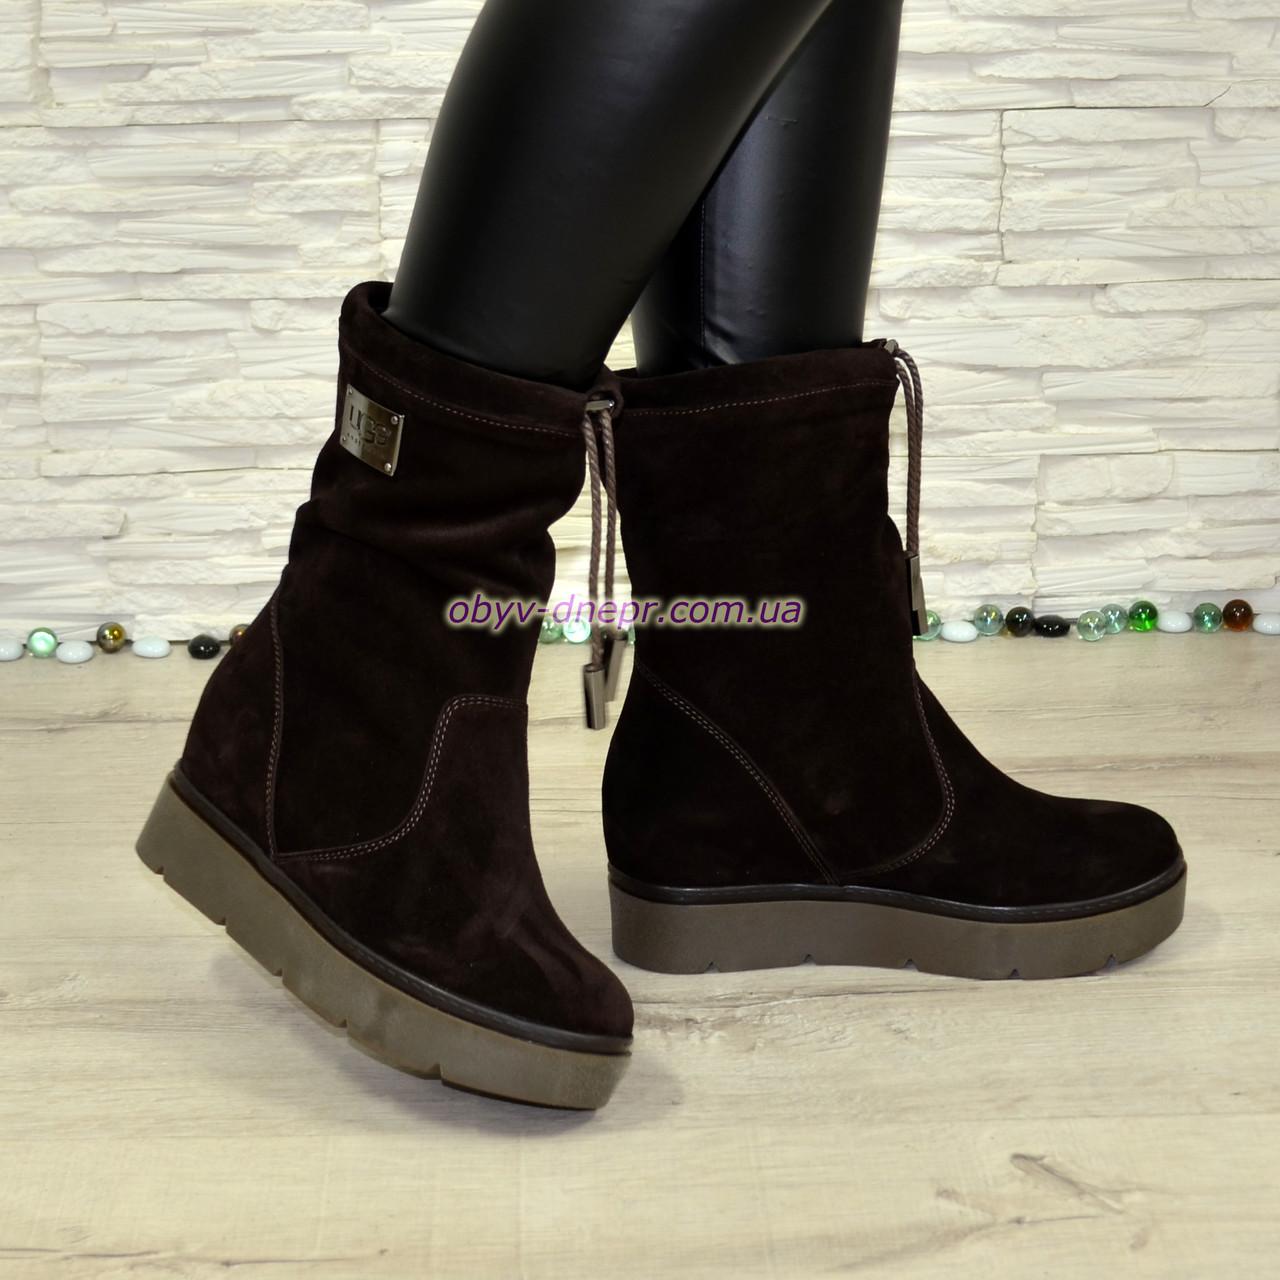 Ботинки замшевые зимние свободного обувания, на скрытой танкетке, цвет коричневый